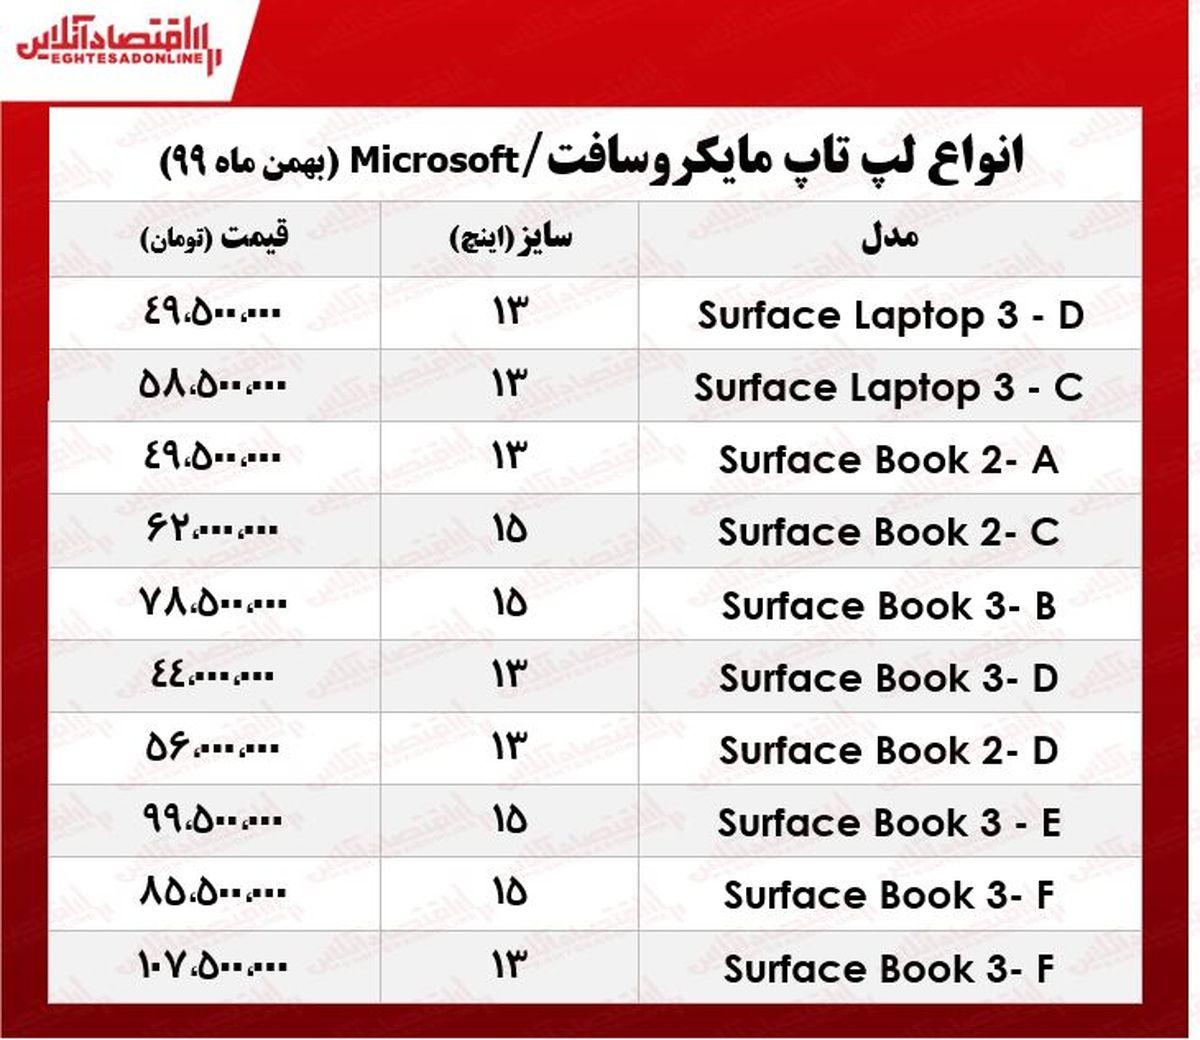 لپ تاپ مایکروسافت چند؟